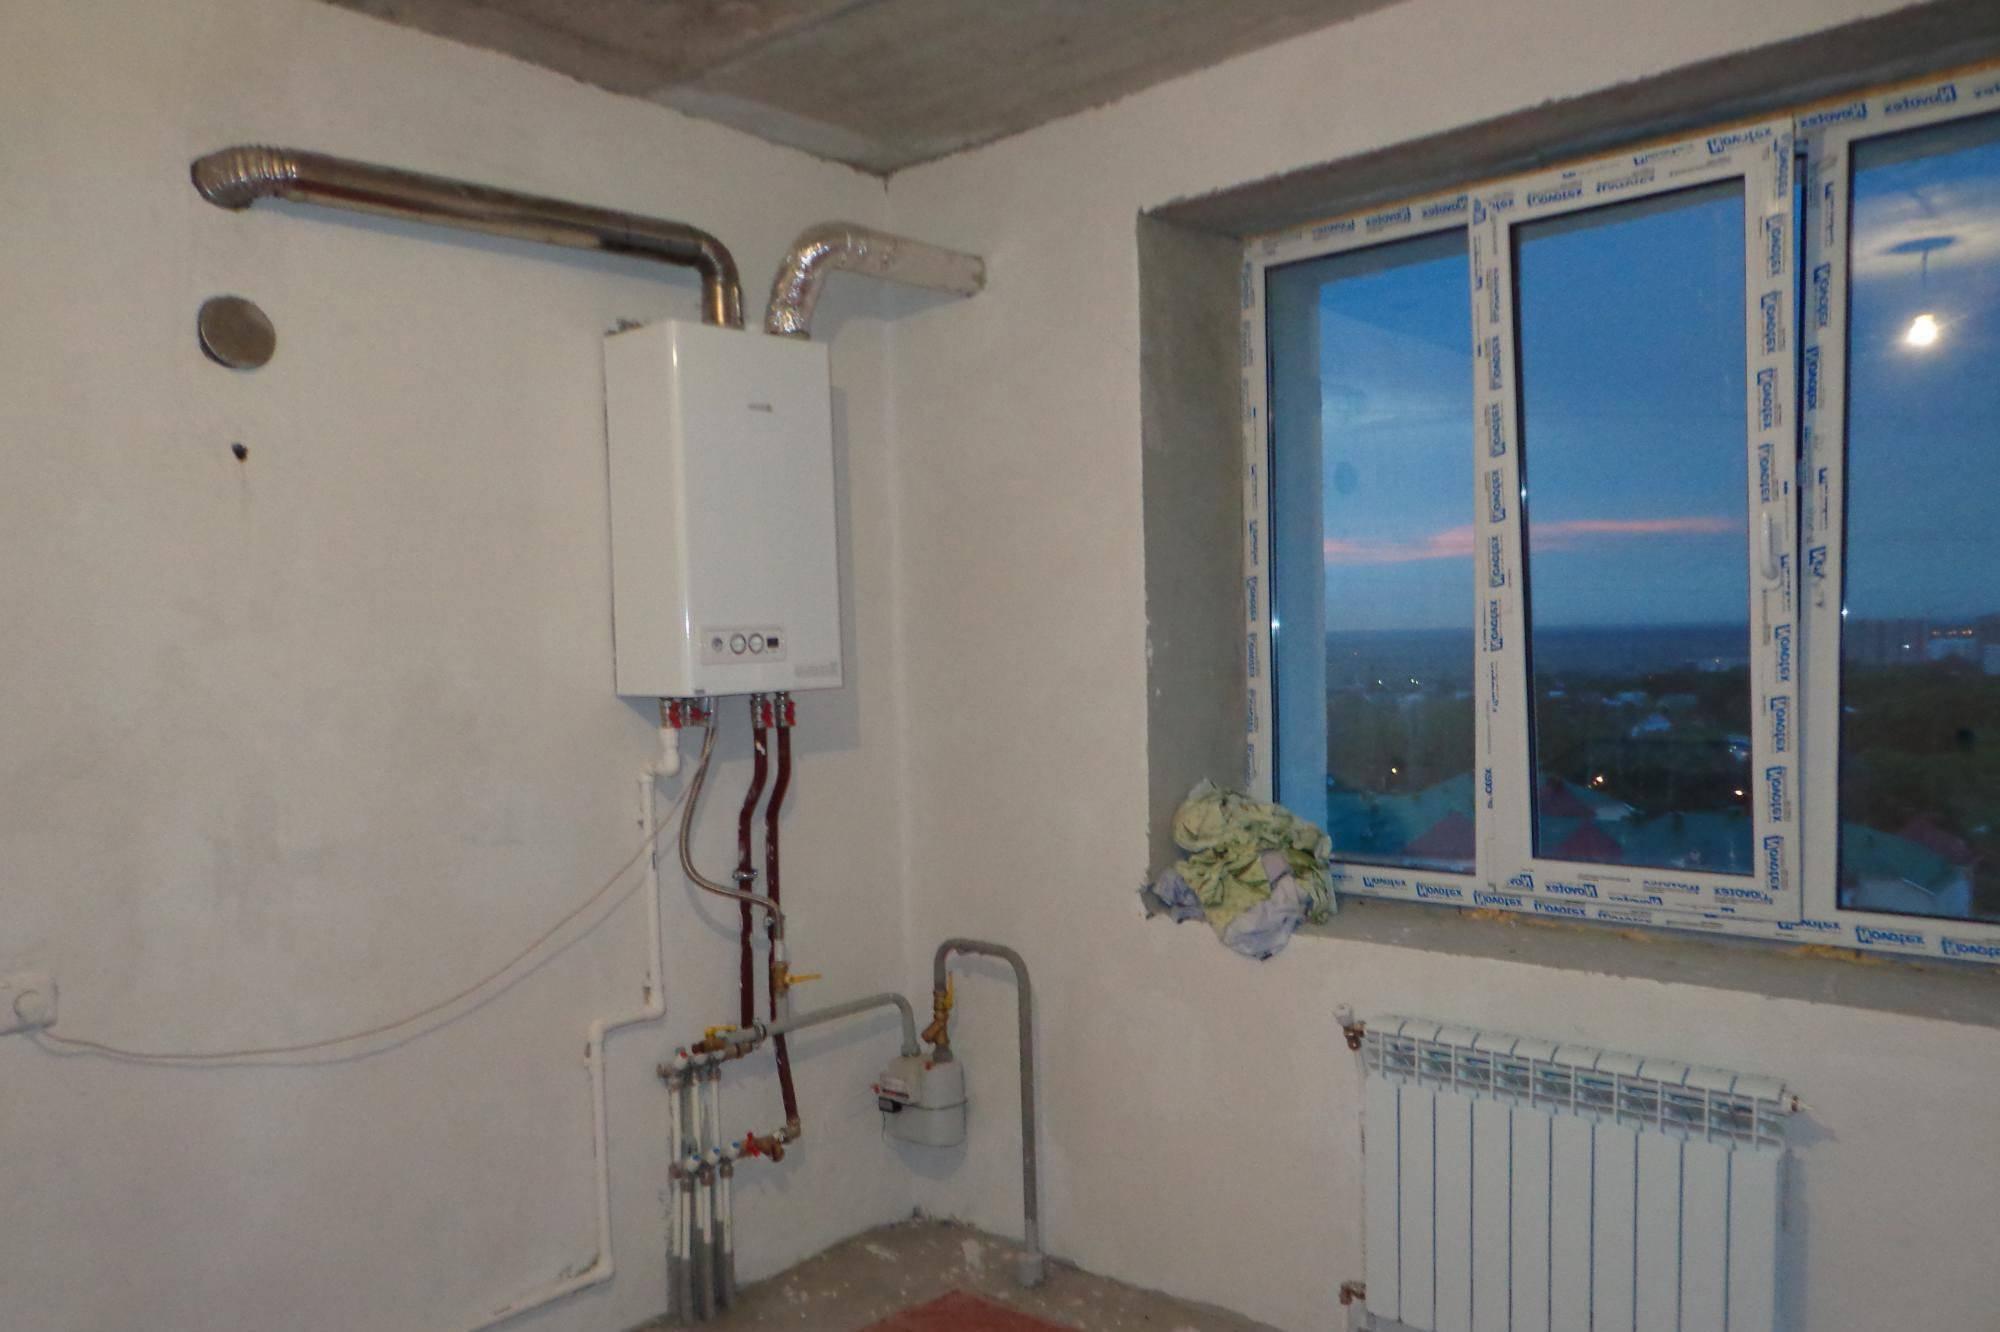 Как сделать индивидуальное отопление в квартире – пошаговое руководство